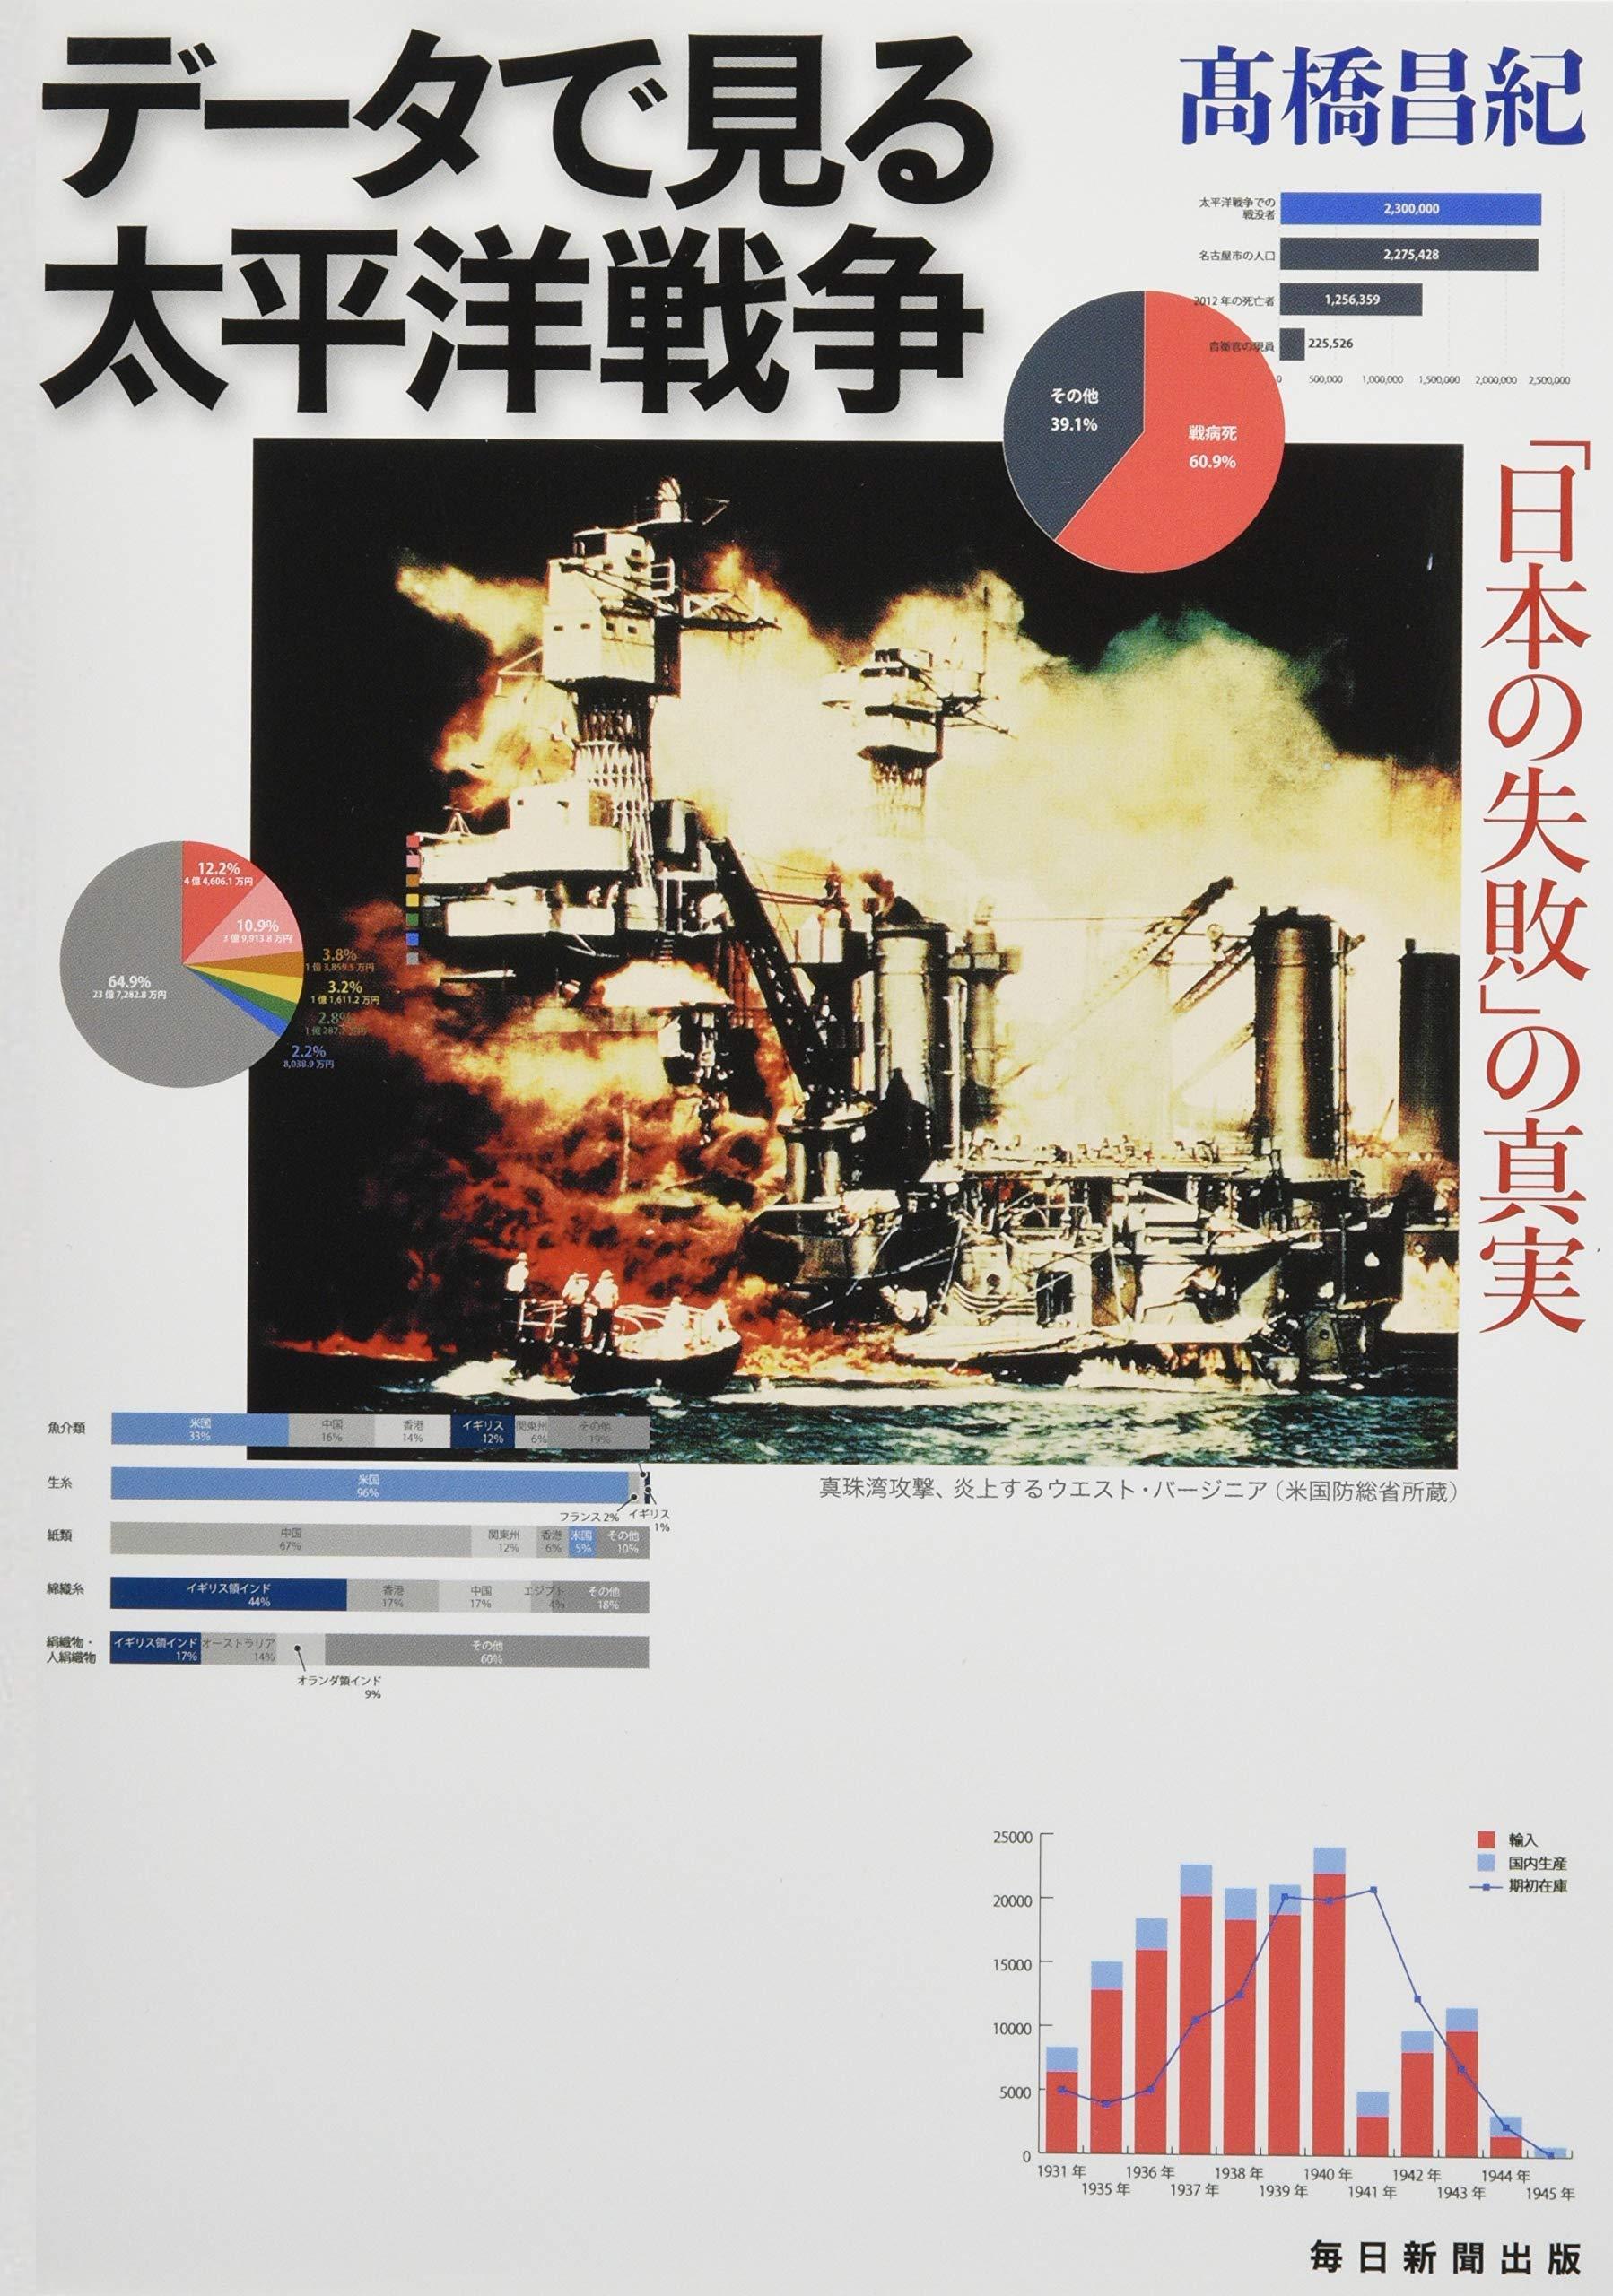 データで見る太平洋戦争 「日本の失敗」の真実   髙橋 昌紀  本   通販 ...